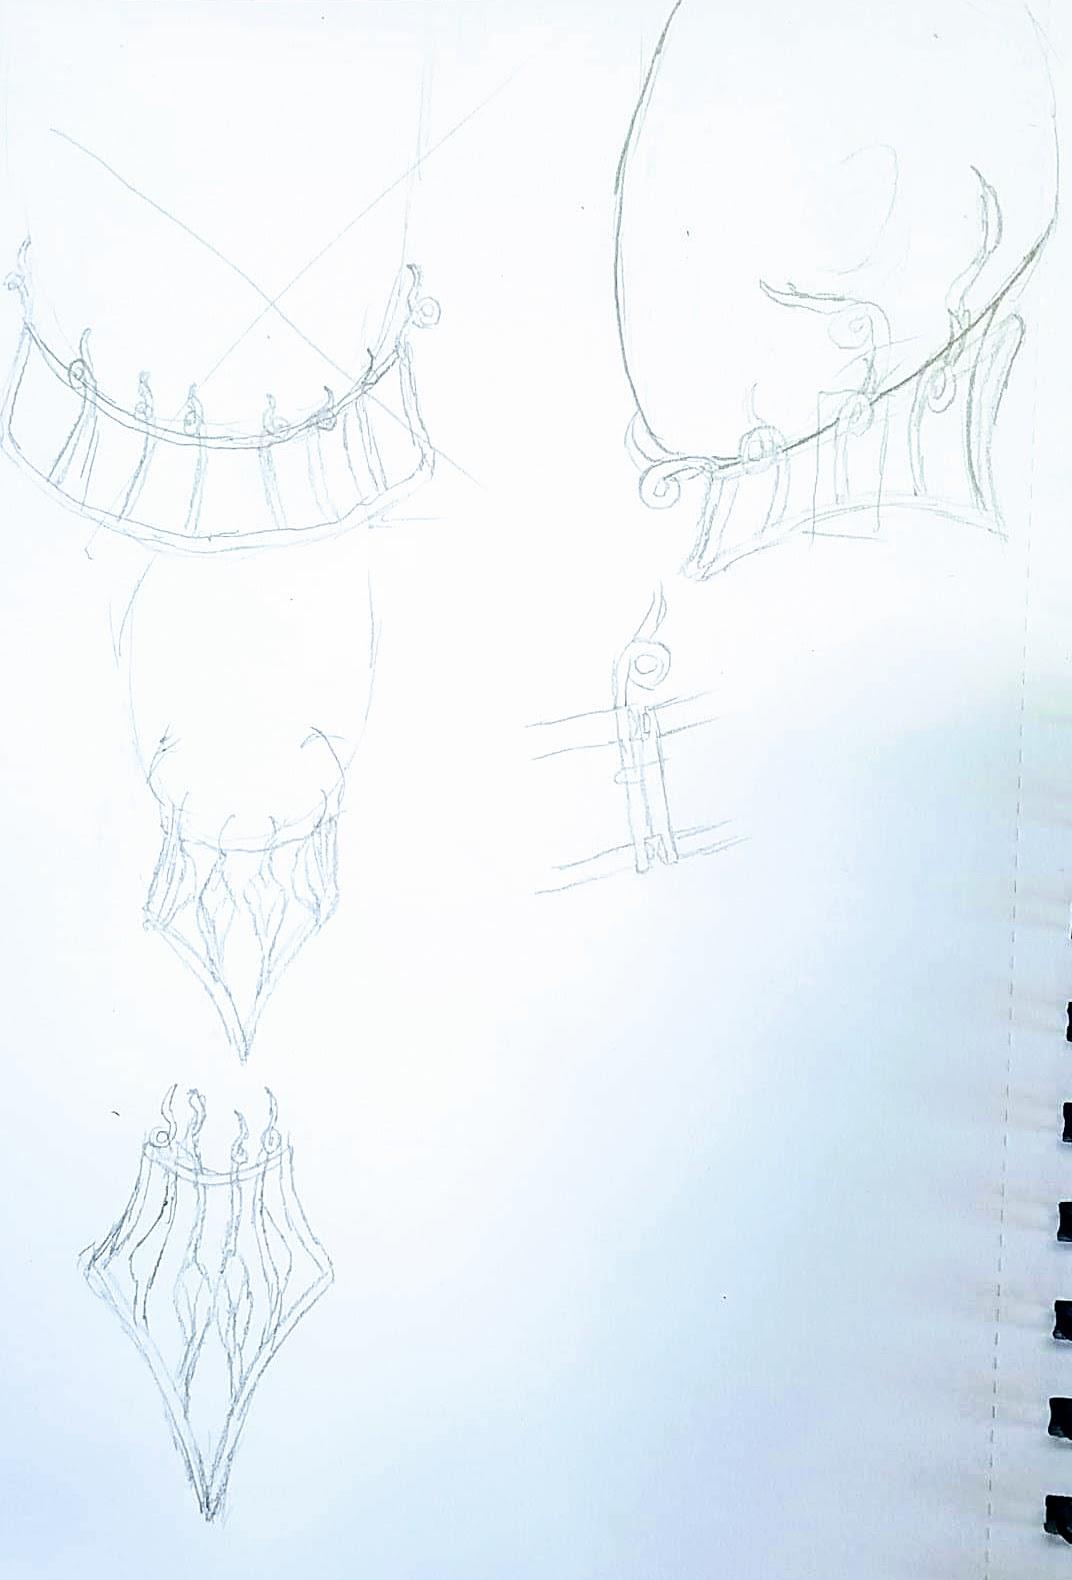 Collar design 2